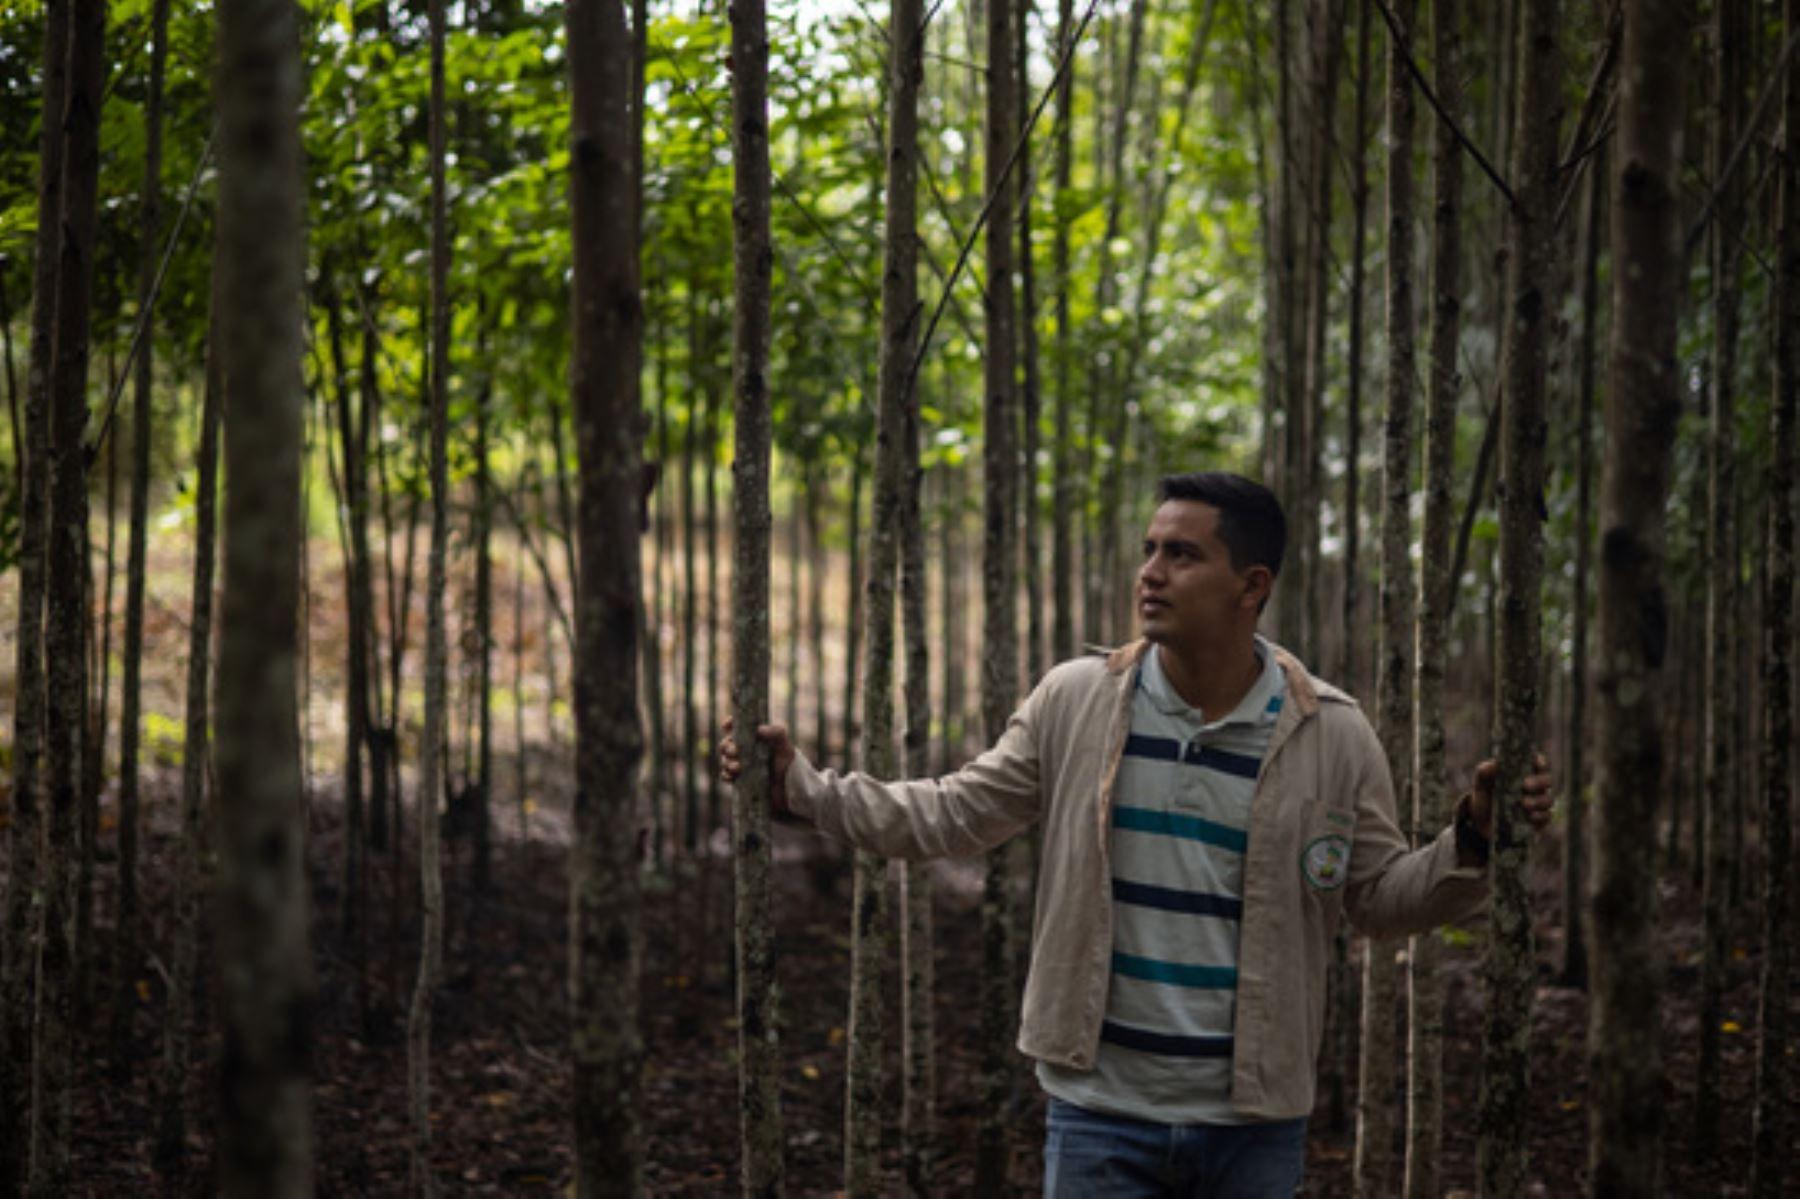 El Proyecto Forestal permitió el desarrollo de 34 talleres de capacitación en beneficio de agricultores. Foto: ANDINA/Serfor